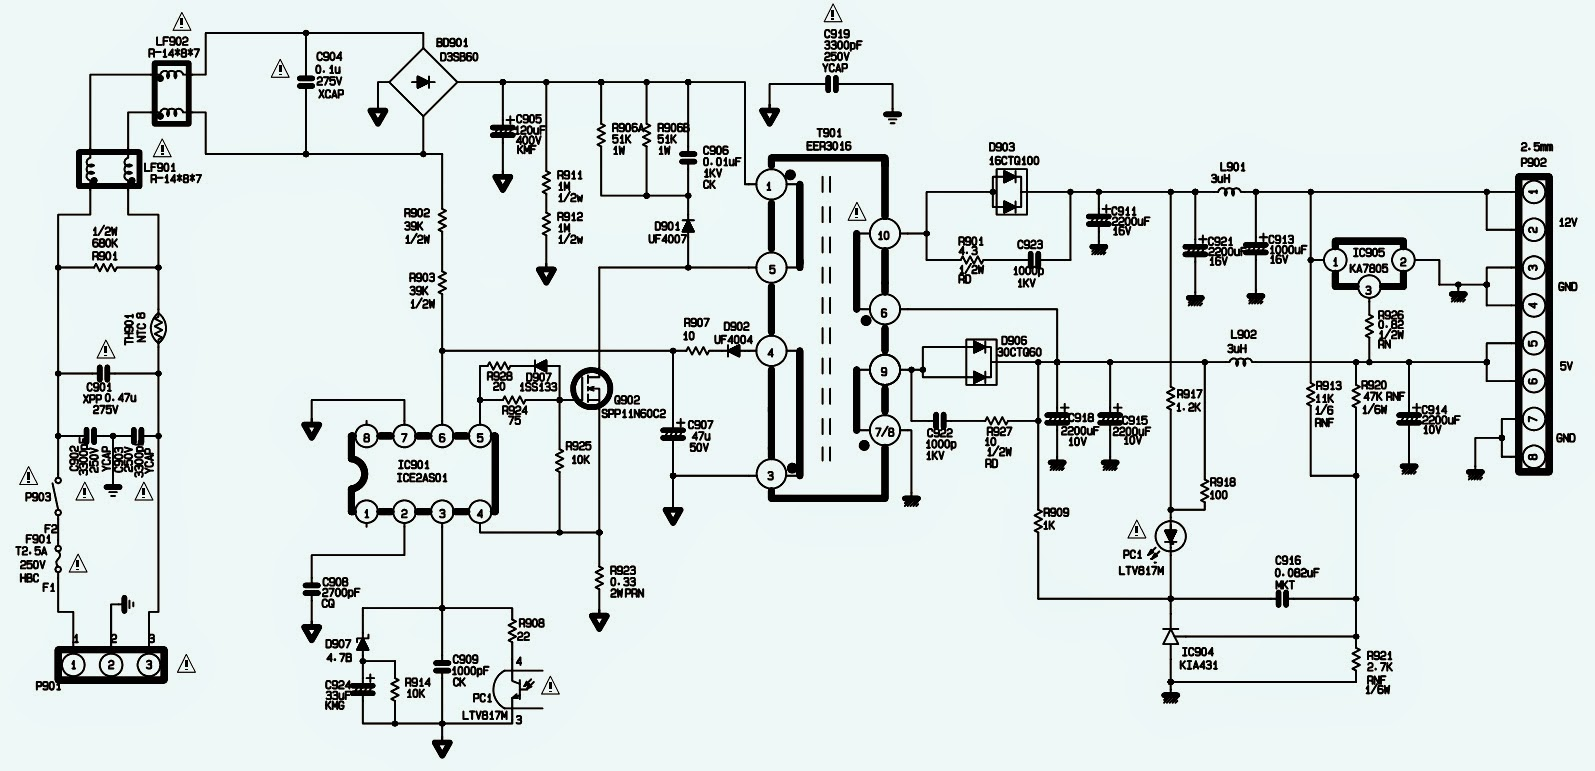 sanyo power supply wiring diagram wiring diagram todayslg tv power supply schematics data wiring diagram schema [ 1595 x 771 Pixel ]